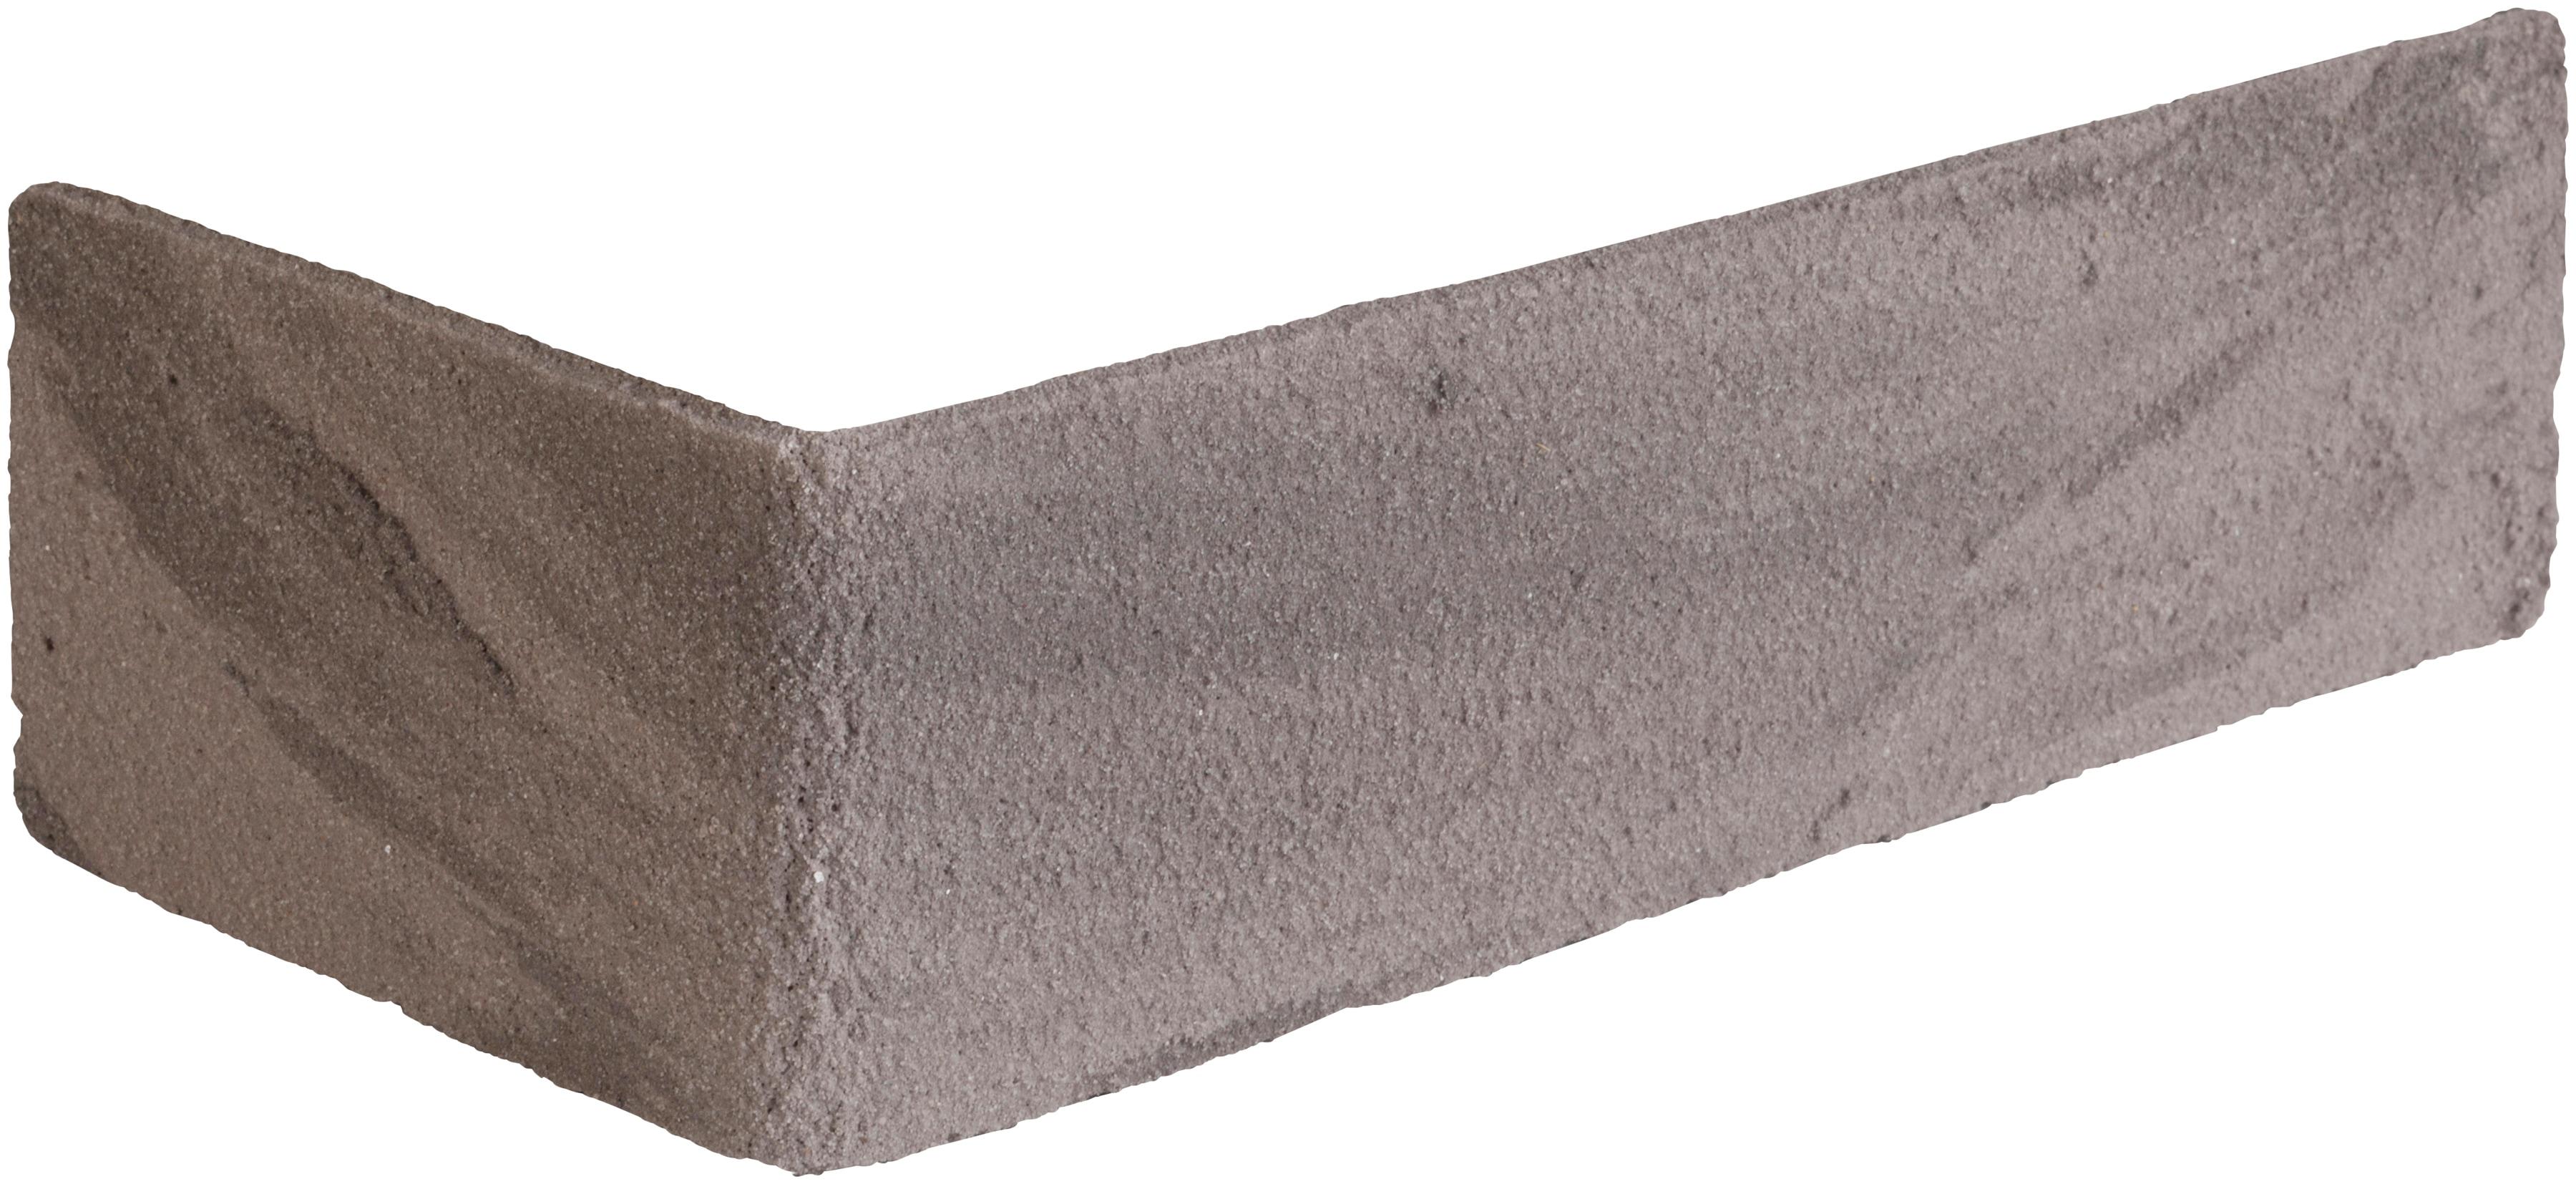 ELASTOLITH Verblender Kreta Eckverblender, grau, für Außen- und Innenbereich, 2 Lfm grau Verblendsteine Paneele Bauen Renovieren